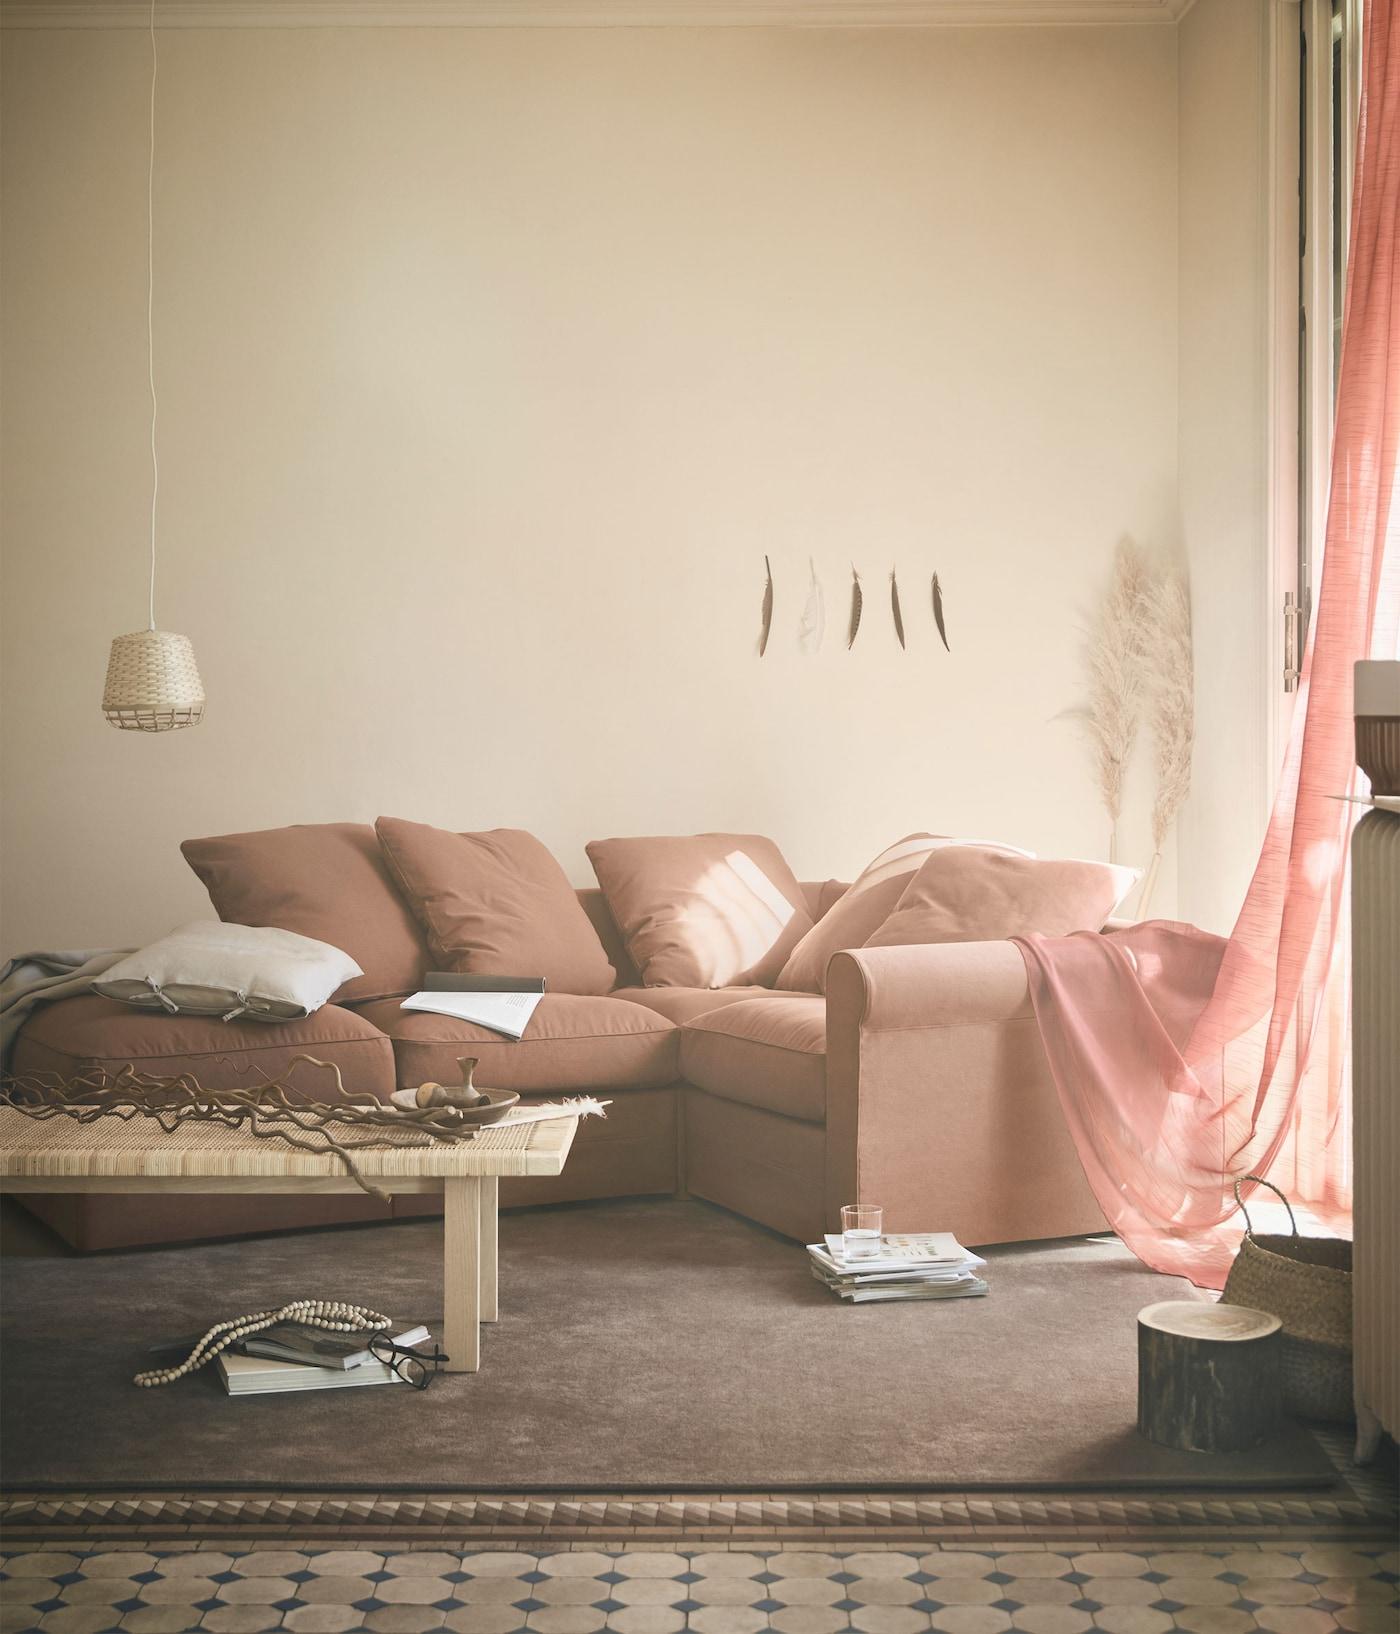 GRÖNLID-moduulisohva on reilunkokoinen ja muunneltava. Tämä ulkonäöltään perinteinen sohva on suunniteltu moderneihin koteihin. Voit rakentaa sohvasta juuri sen kokoisen ja -muotoisen kuin itse haluat. Sohvaan on saatavana lisäksi divaaniosa ja rahi.